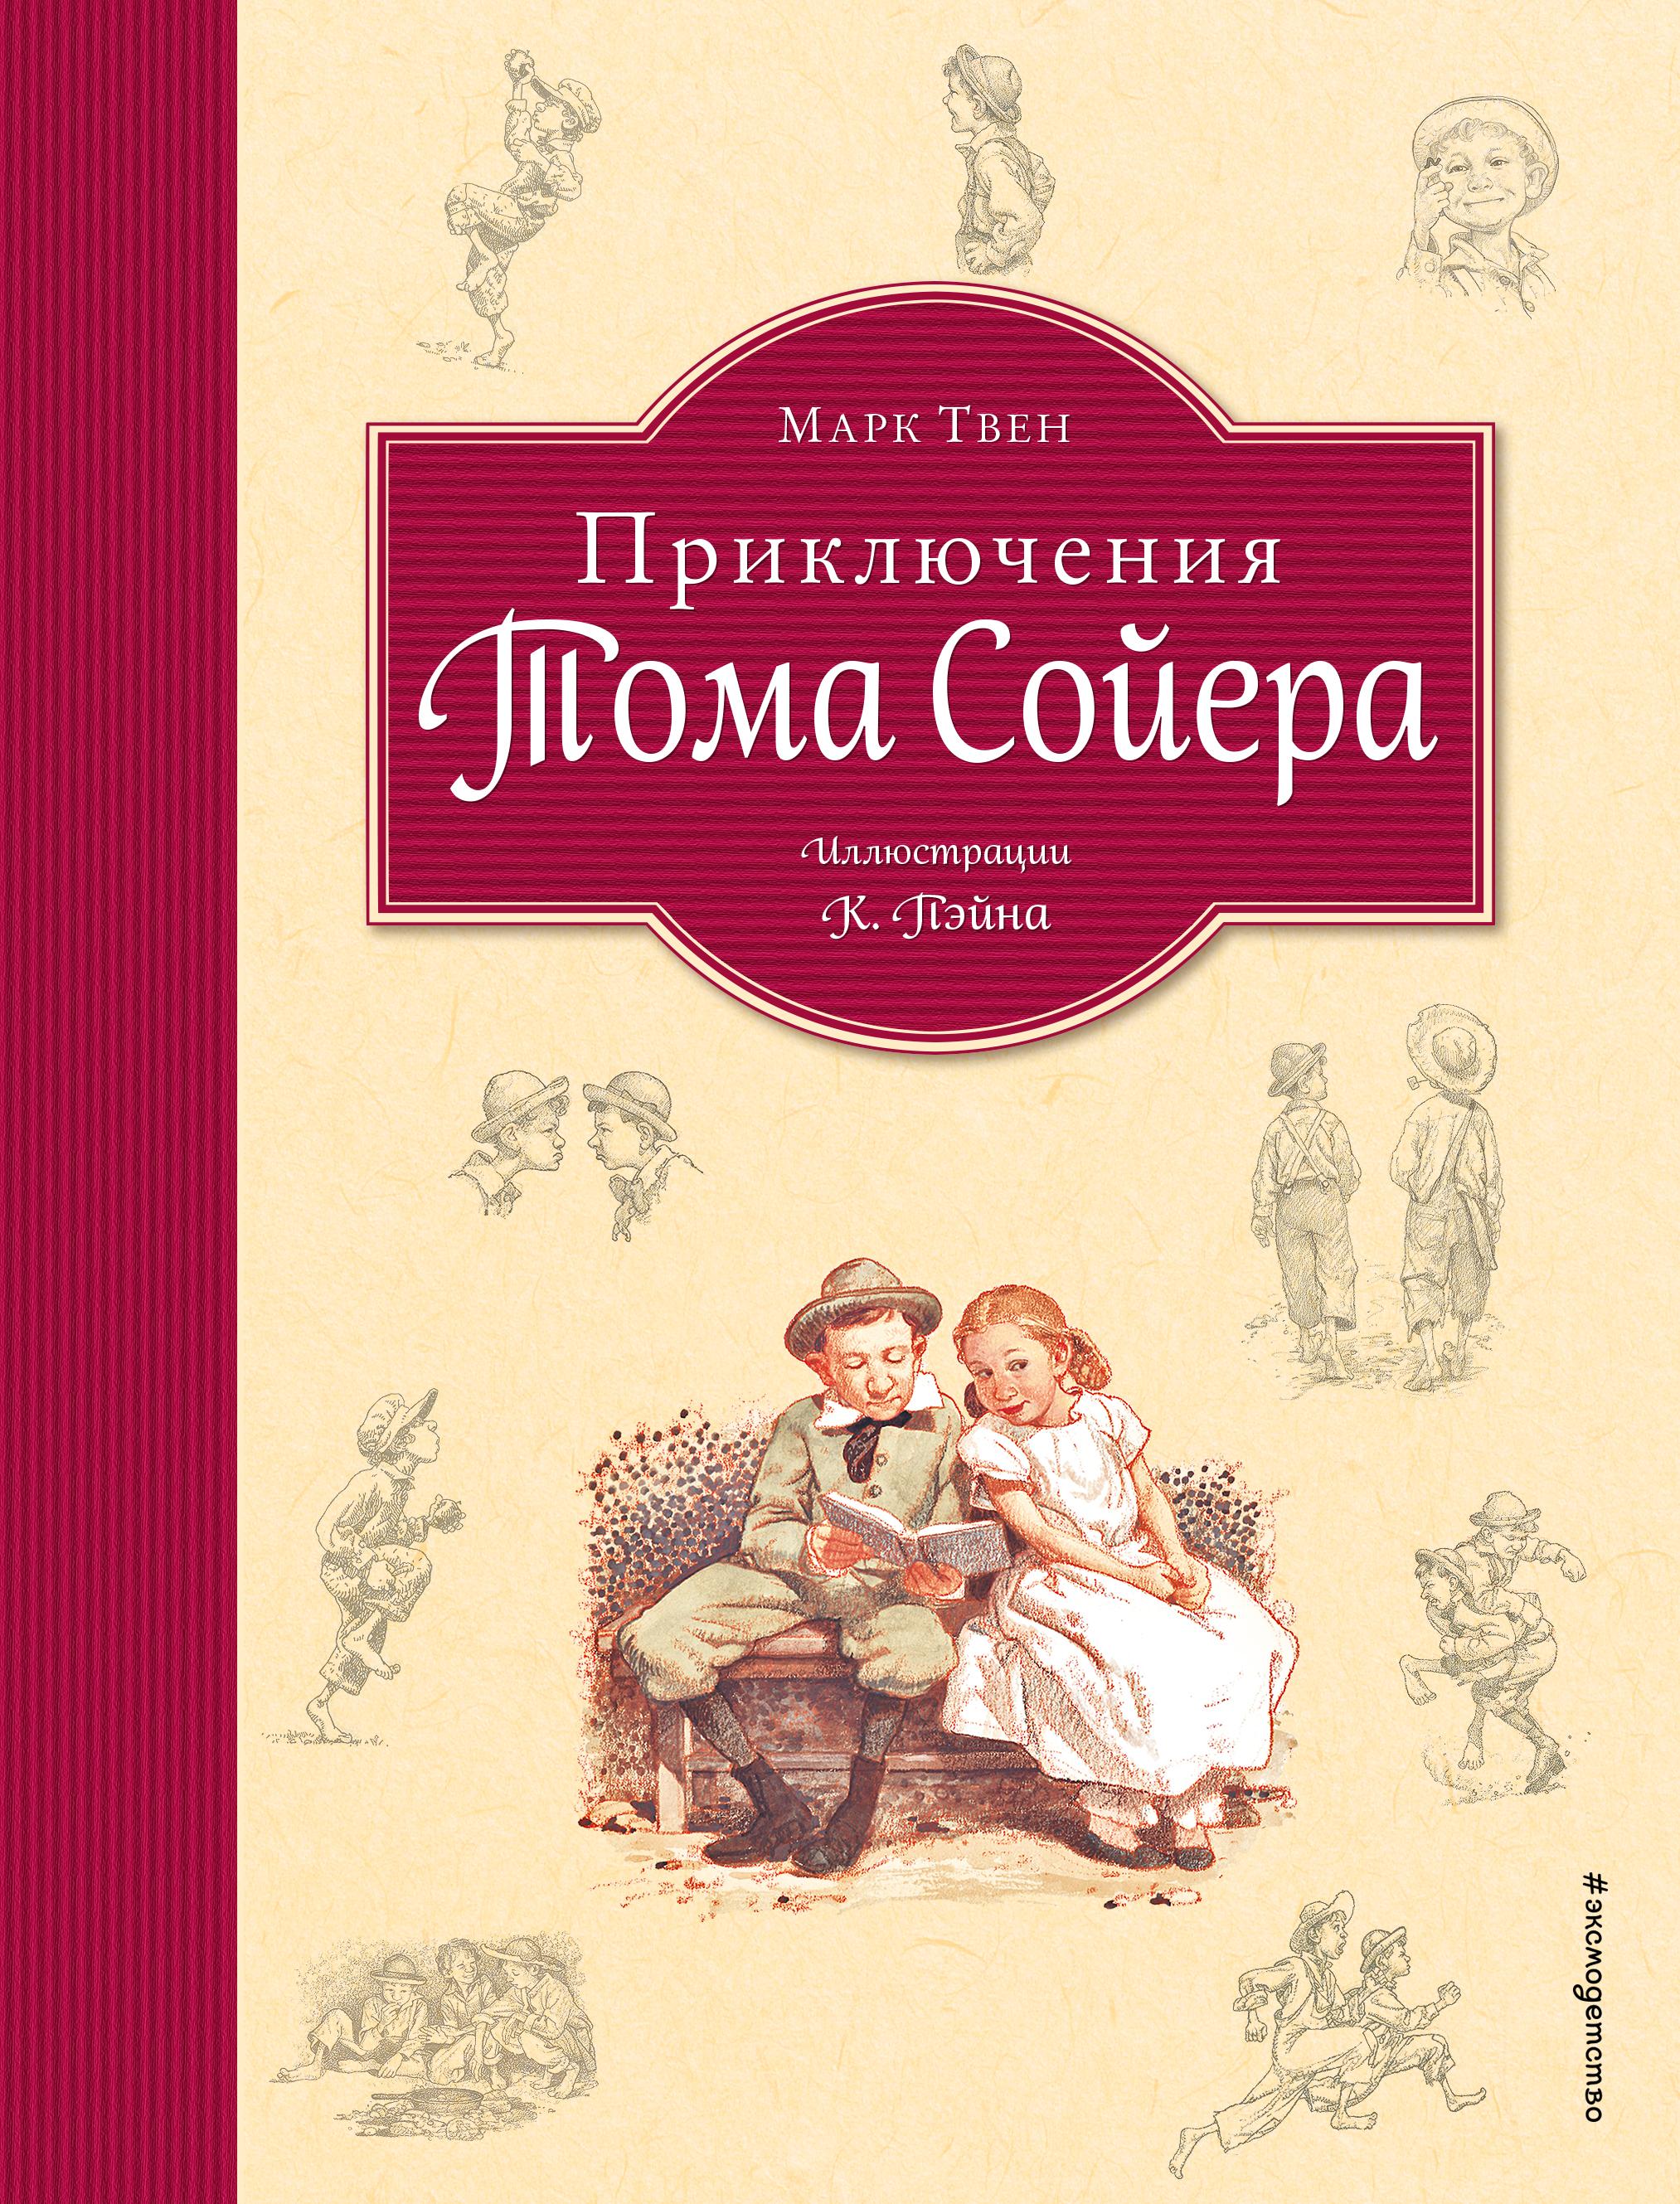 Приключения Тома Сойера (ил. К.Ф.Пэйна) (Том и Бекки)